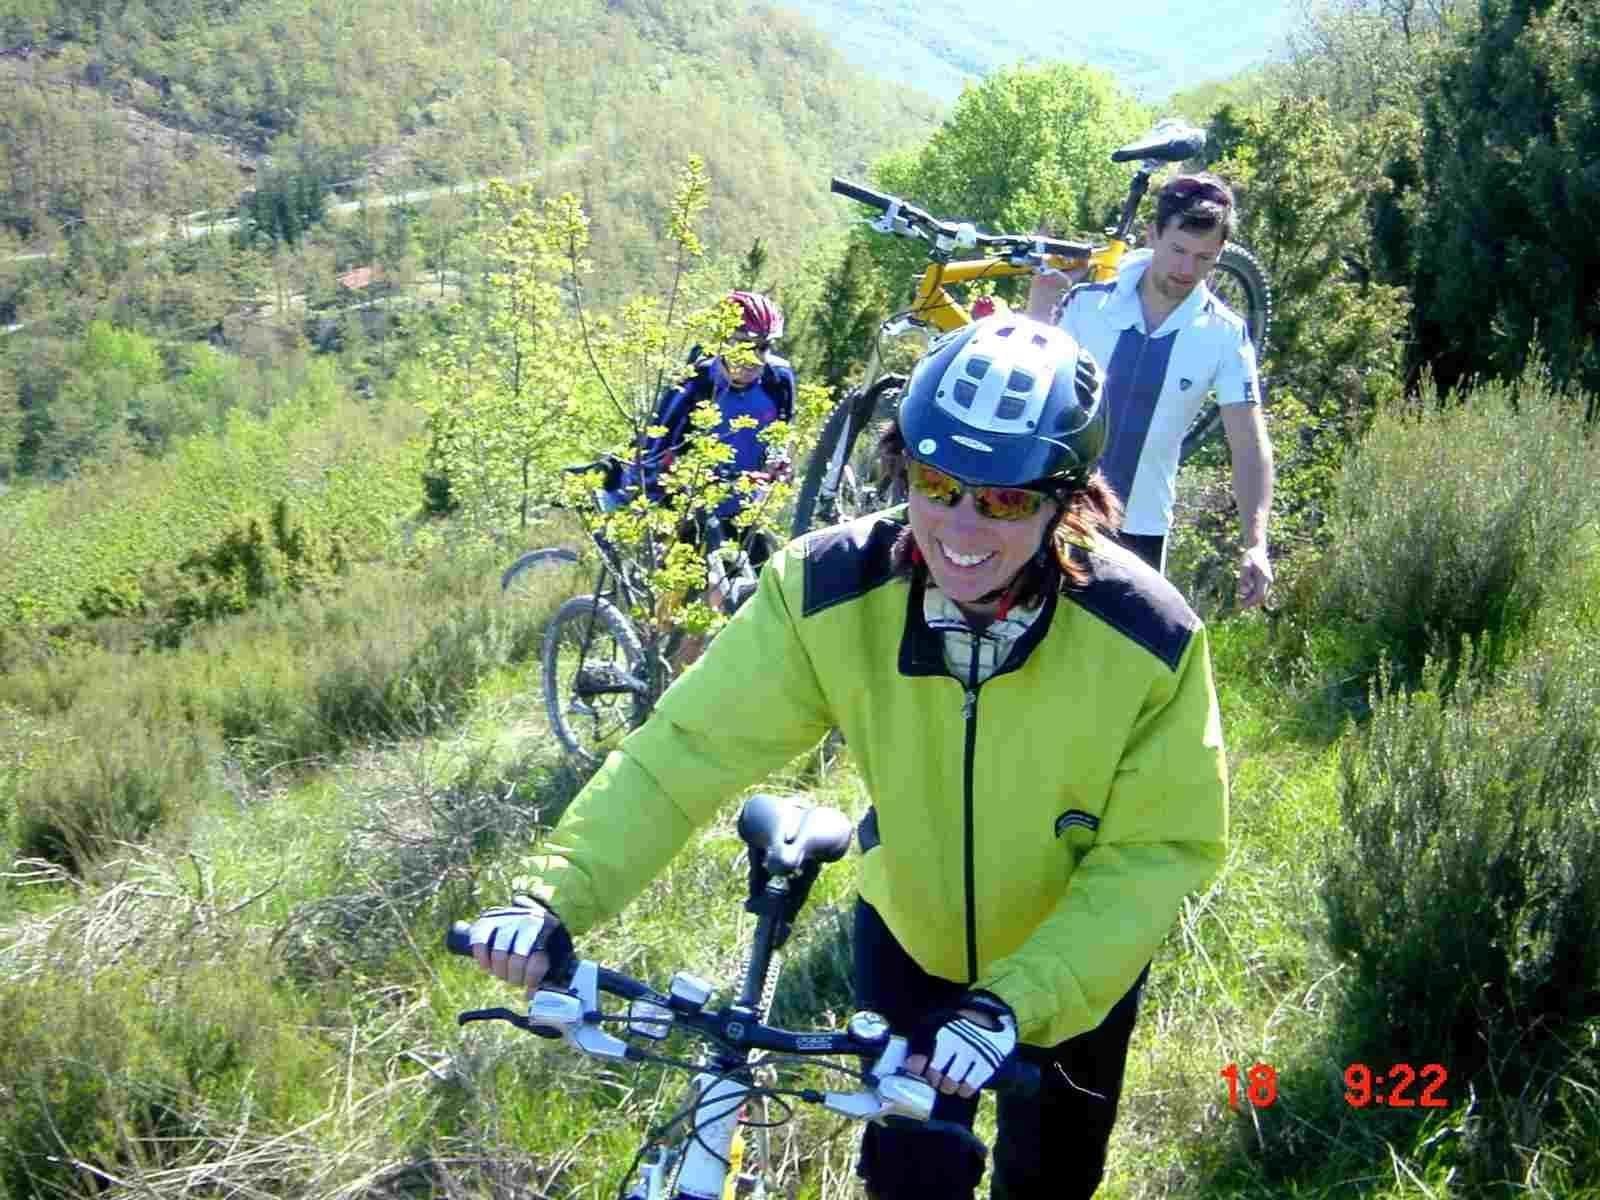 Foto: Manfred Karl / Mountainbike Tour / Monte Ginezzo, 928 m / Schiebestück / 20.06.2007 06:21:20